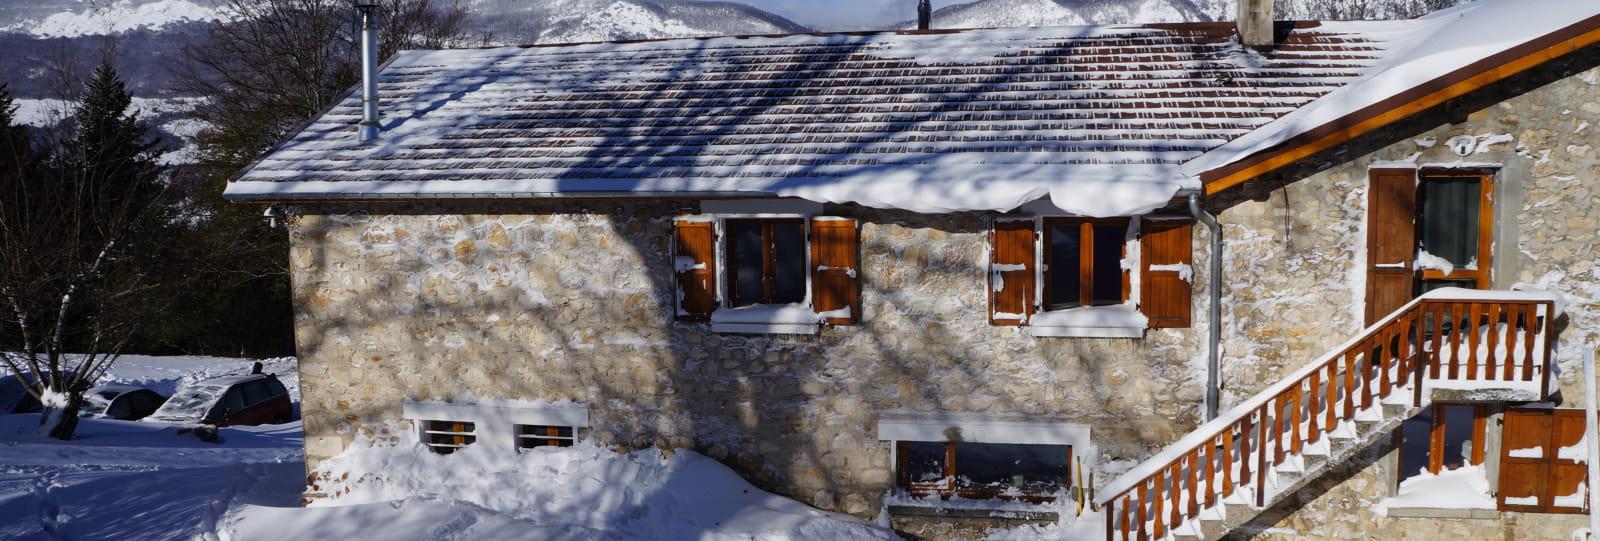 ferme du Pré Gite et centre de vacances Vercors neige